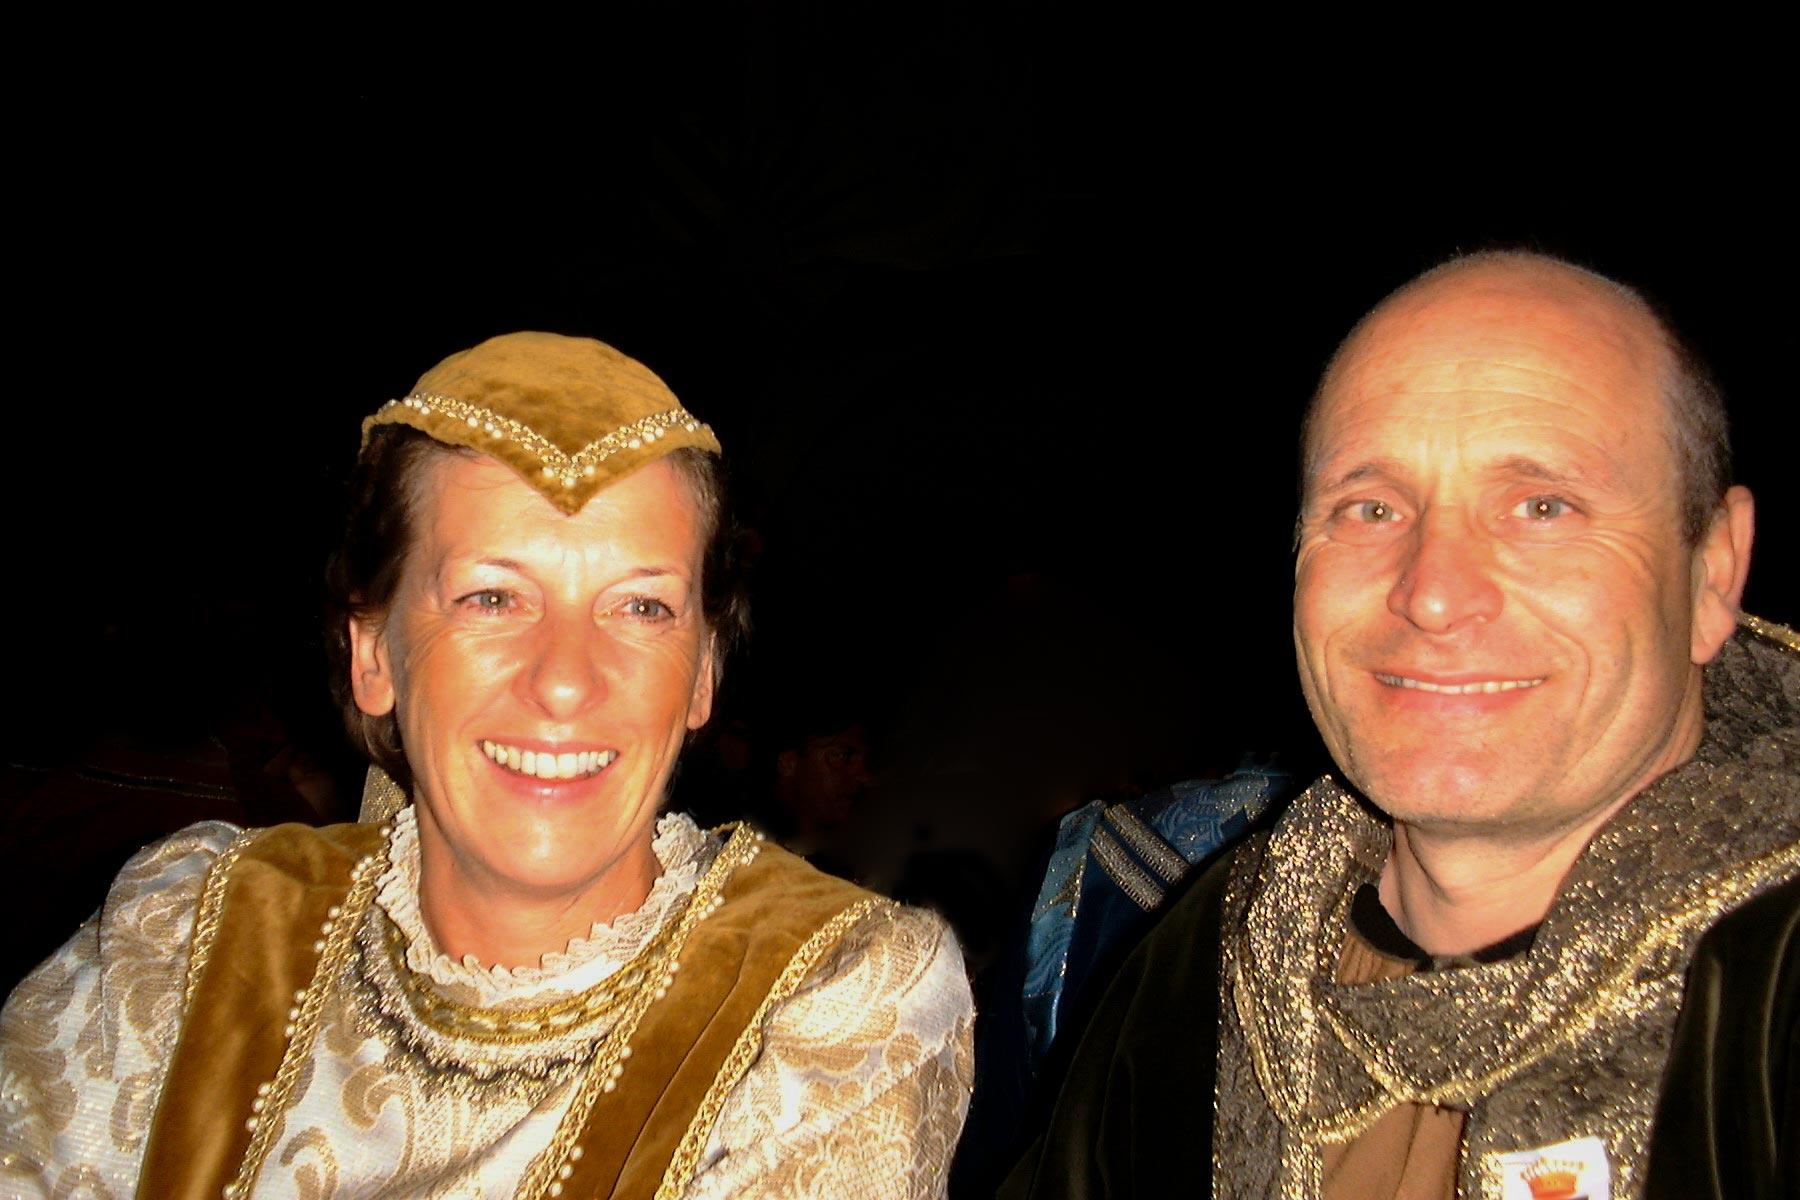 Mittelalterliches Fest der Renaissance auf Burganlage in Mondavio, Region Marche, Italien (1999)